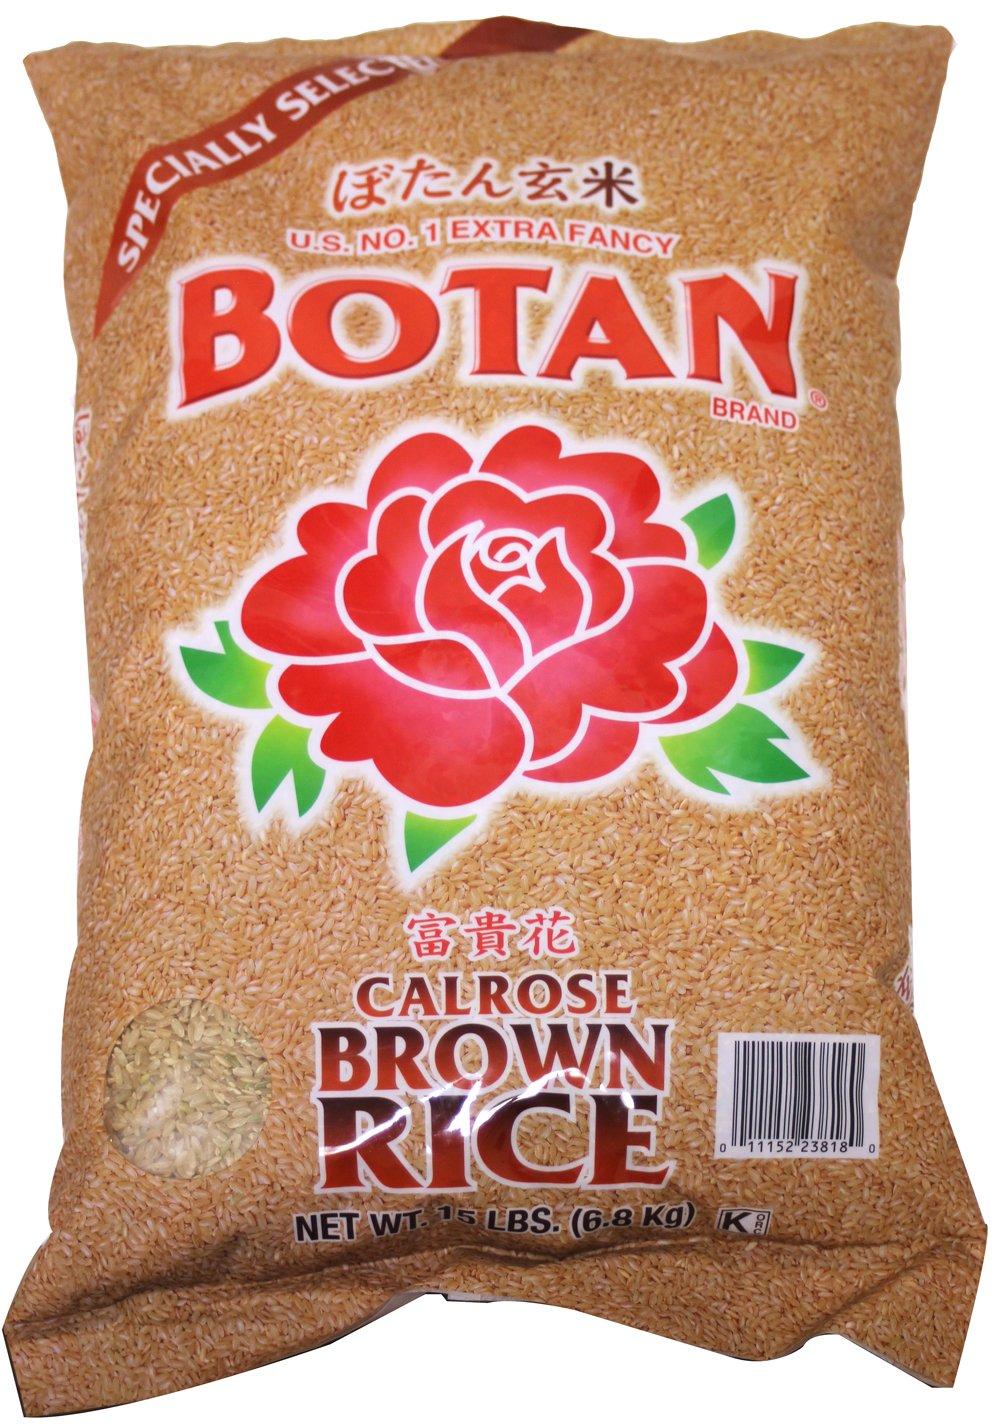 BOTAN Calrose Brown Rice, 15 Pound